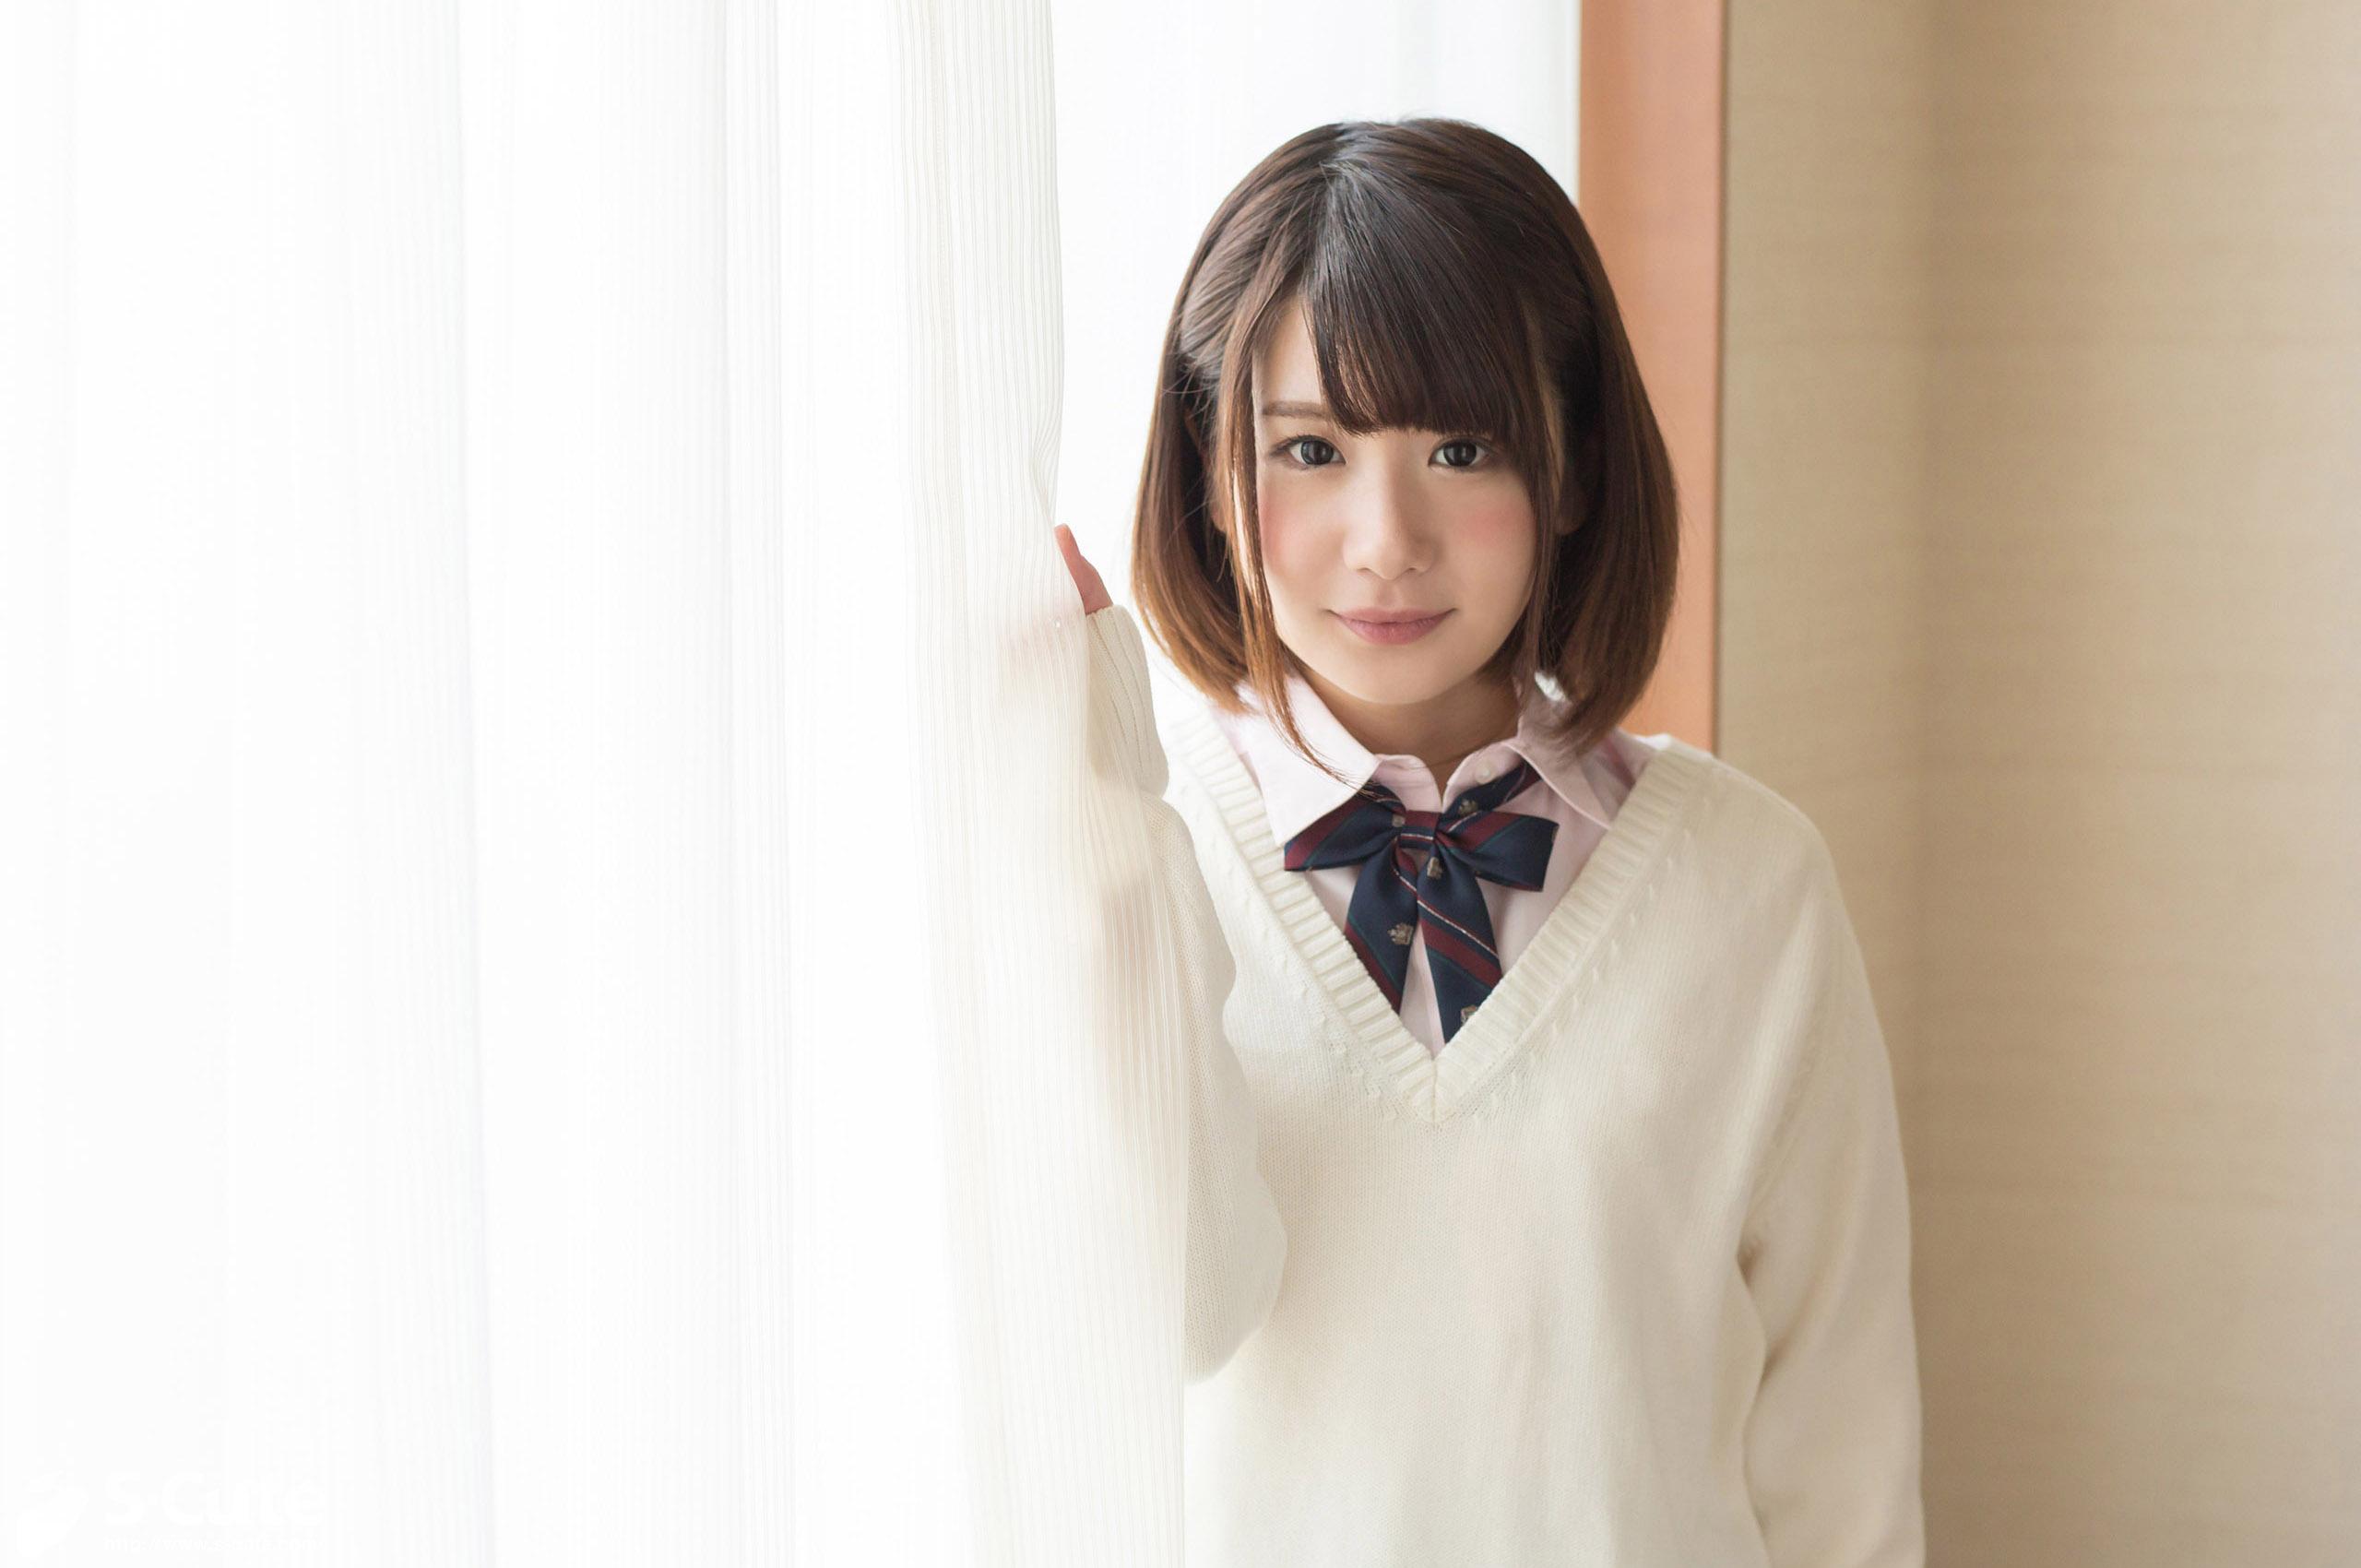 [S-Cute] 2017.05.08 No.511 Mari #2 従順な美少女と制服のまま着衣エッチ [38P19.5M] 511_mari_02-001-jpg